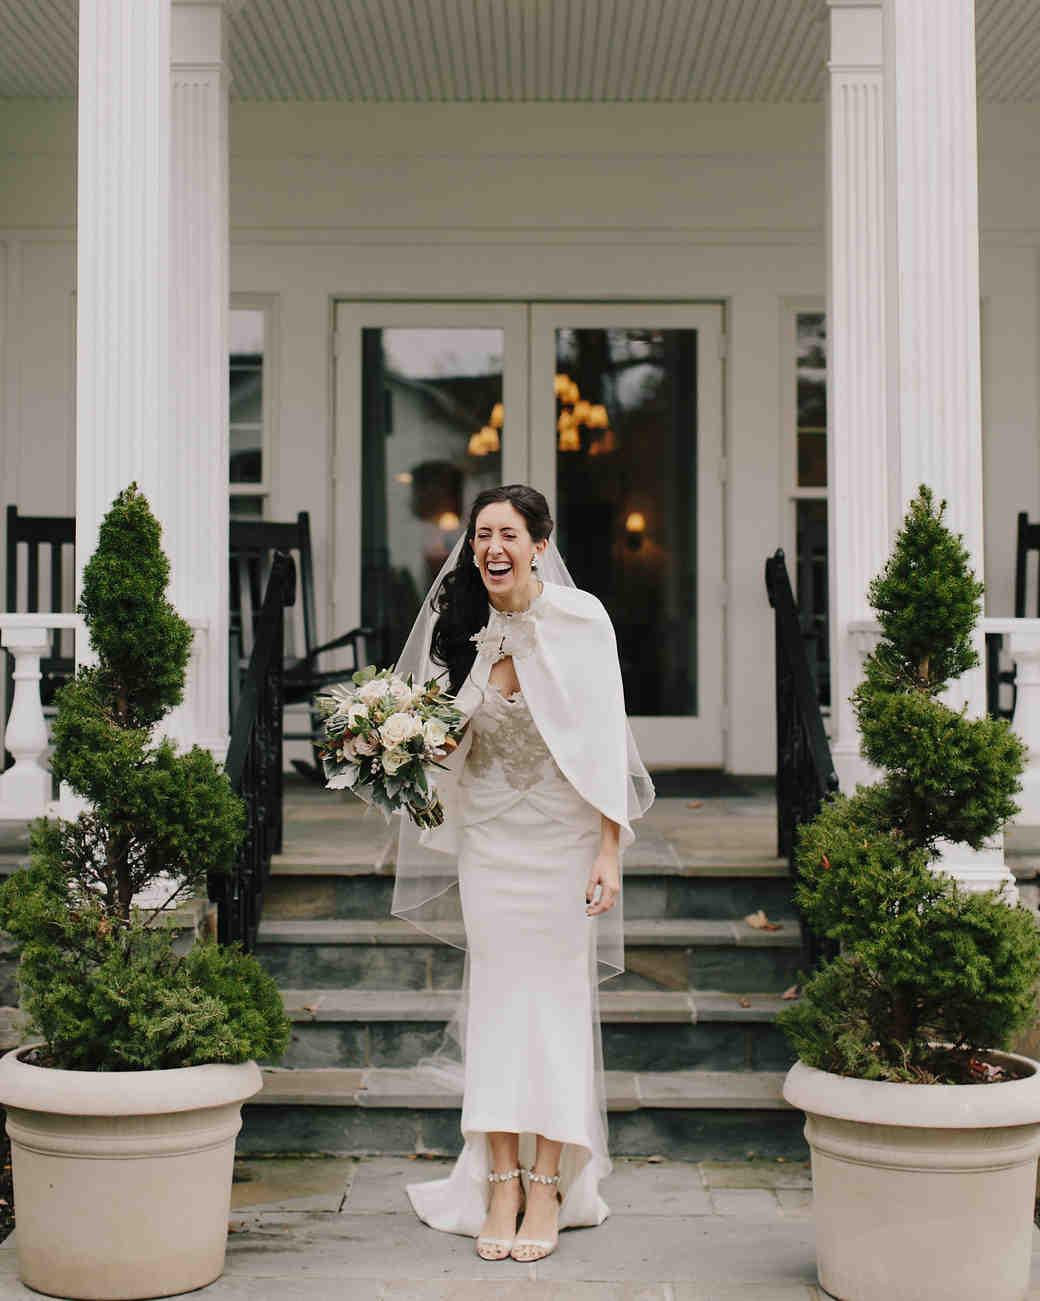 rosie-constantine-wedding-bride-283-s112177-1015.jpg